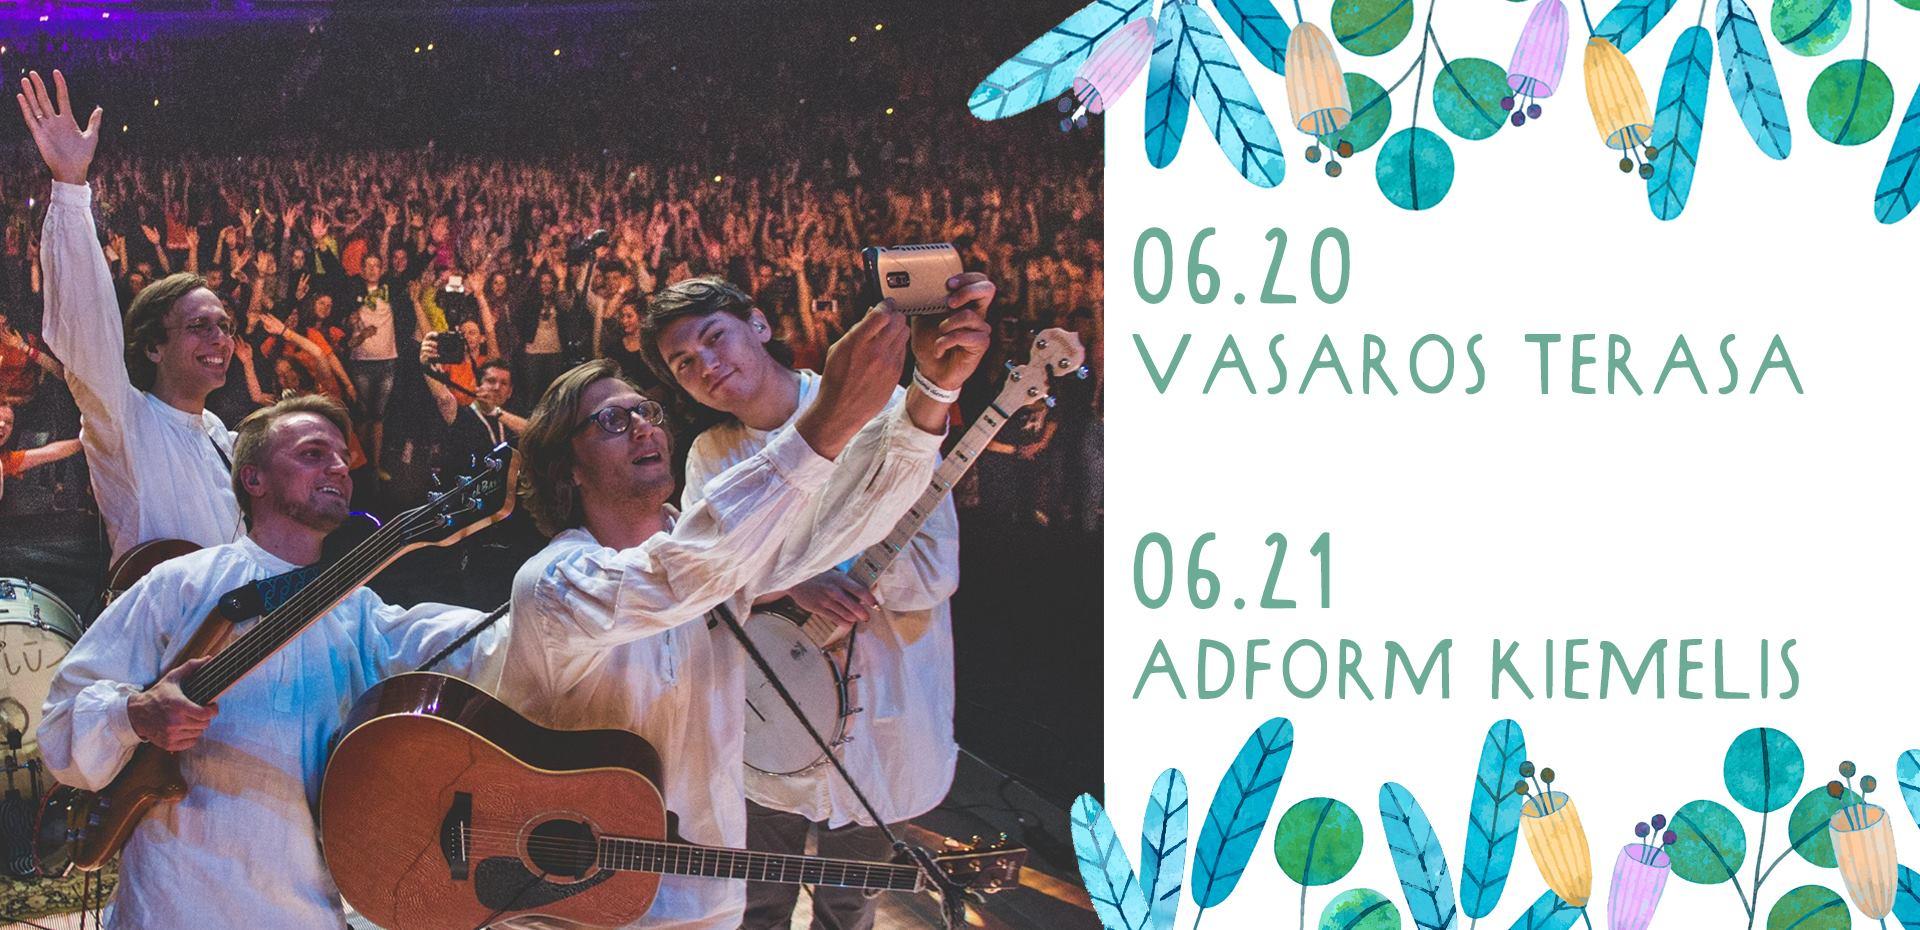 Kūjeliai koncertai Vasaros terasa Adform kiemelis